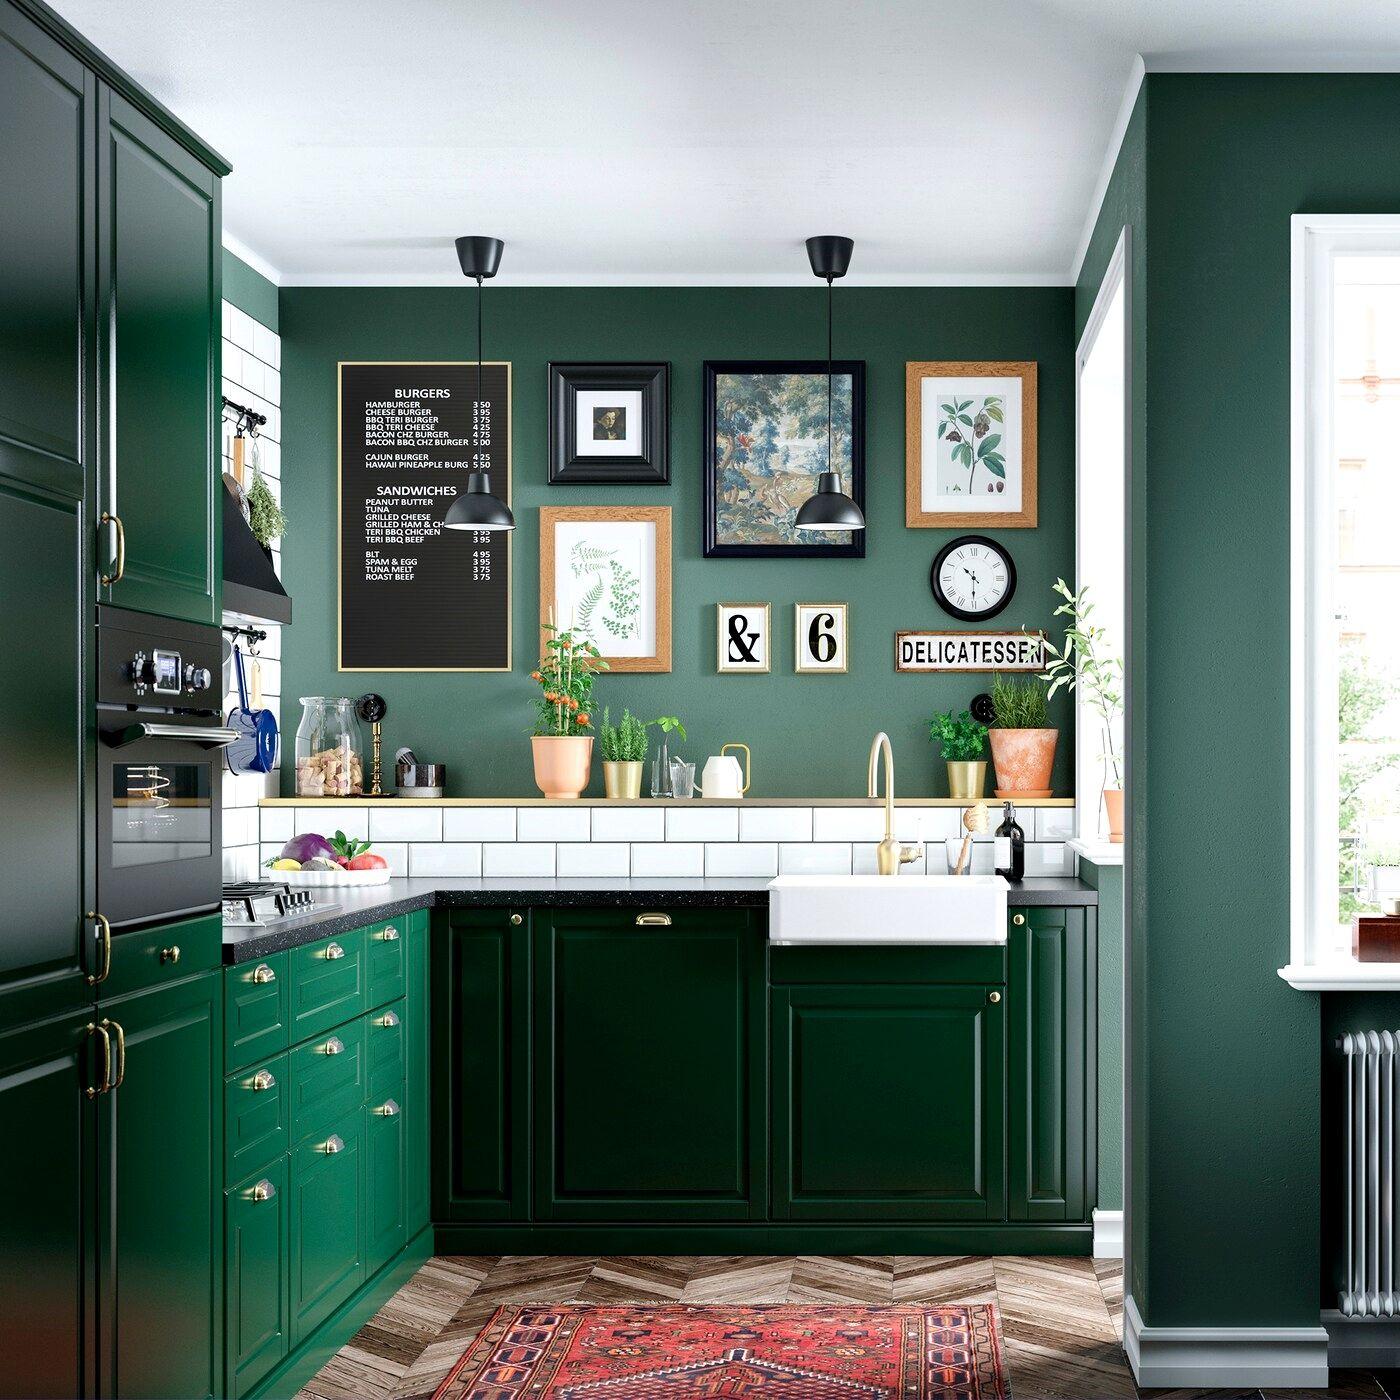 Ikea Caen Catalogue Trick Kitchen Trends Dark Green Kitchen Kitchen Cabinet Design